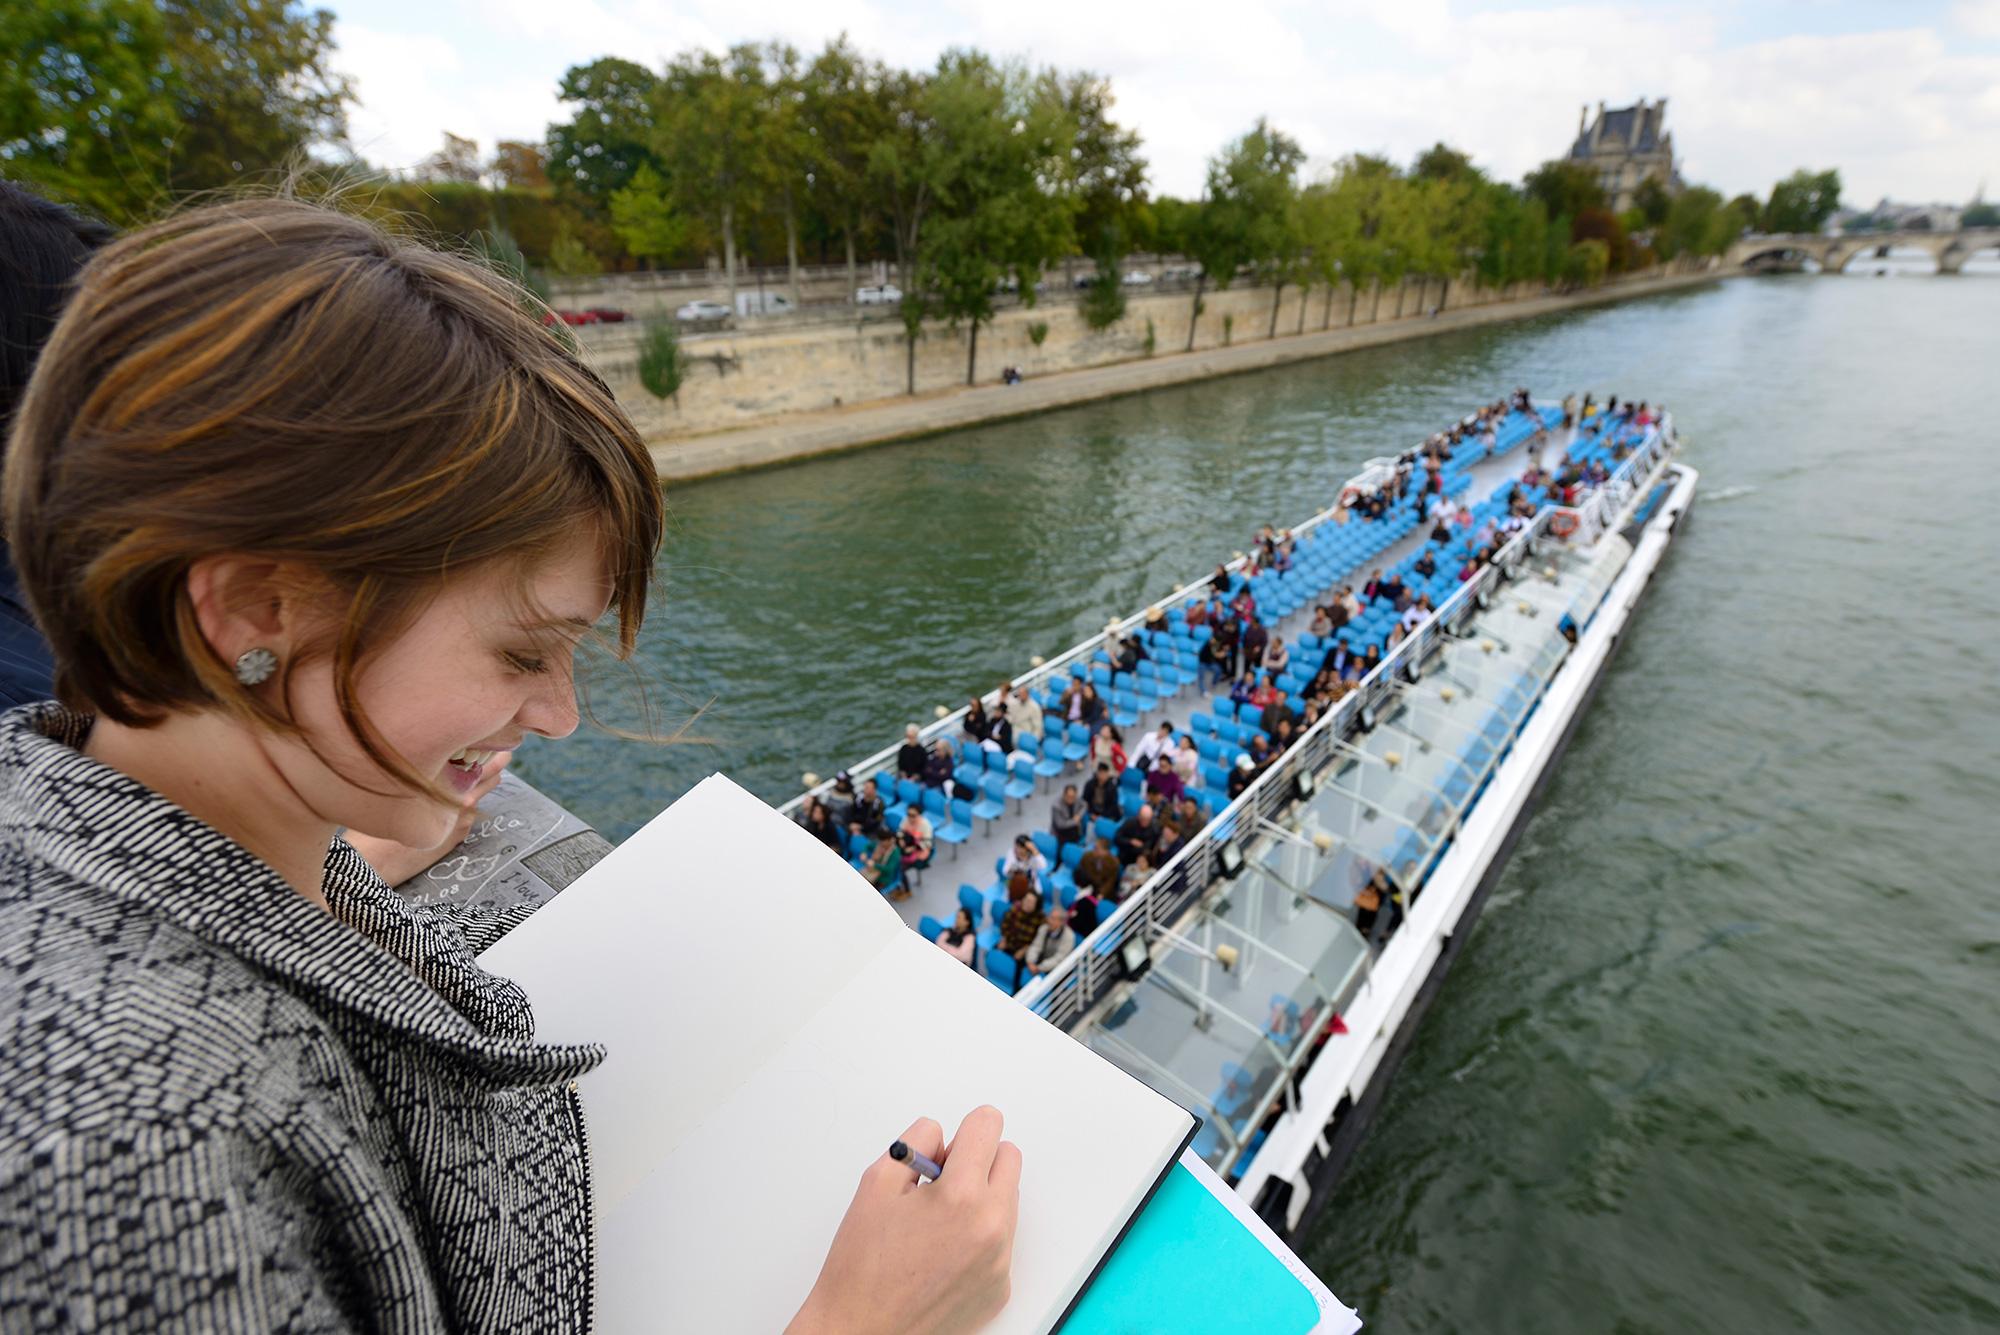 Paula_Giraldo_Parsons_Paris_32.jpg